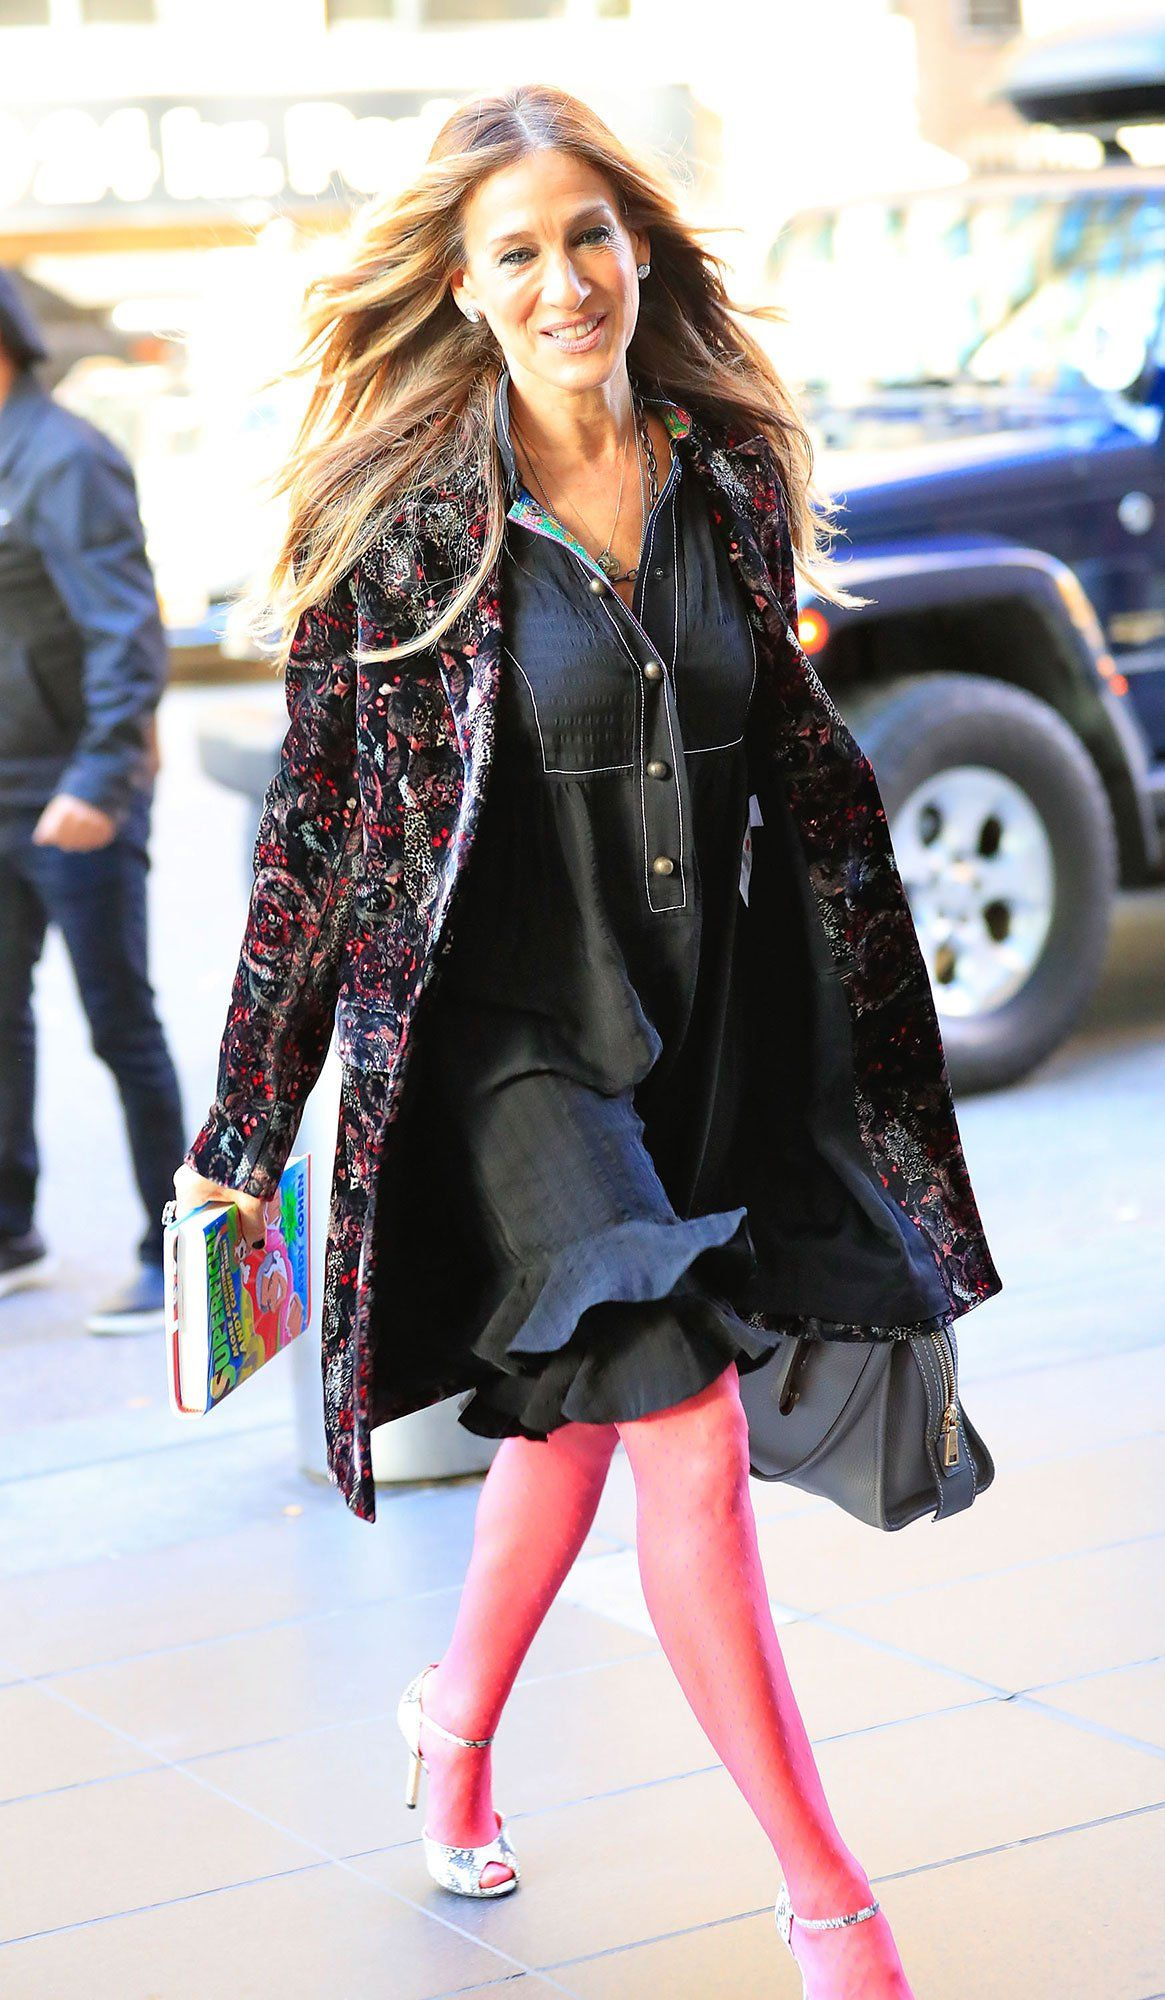 Sarah Jessica Parker looks effortlessly chic at JFK